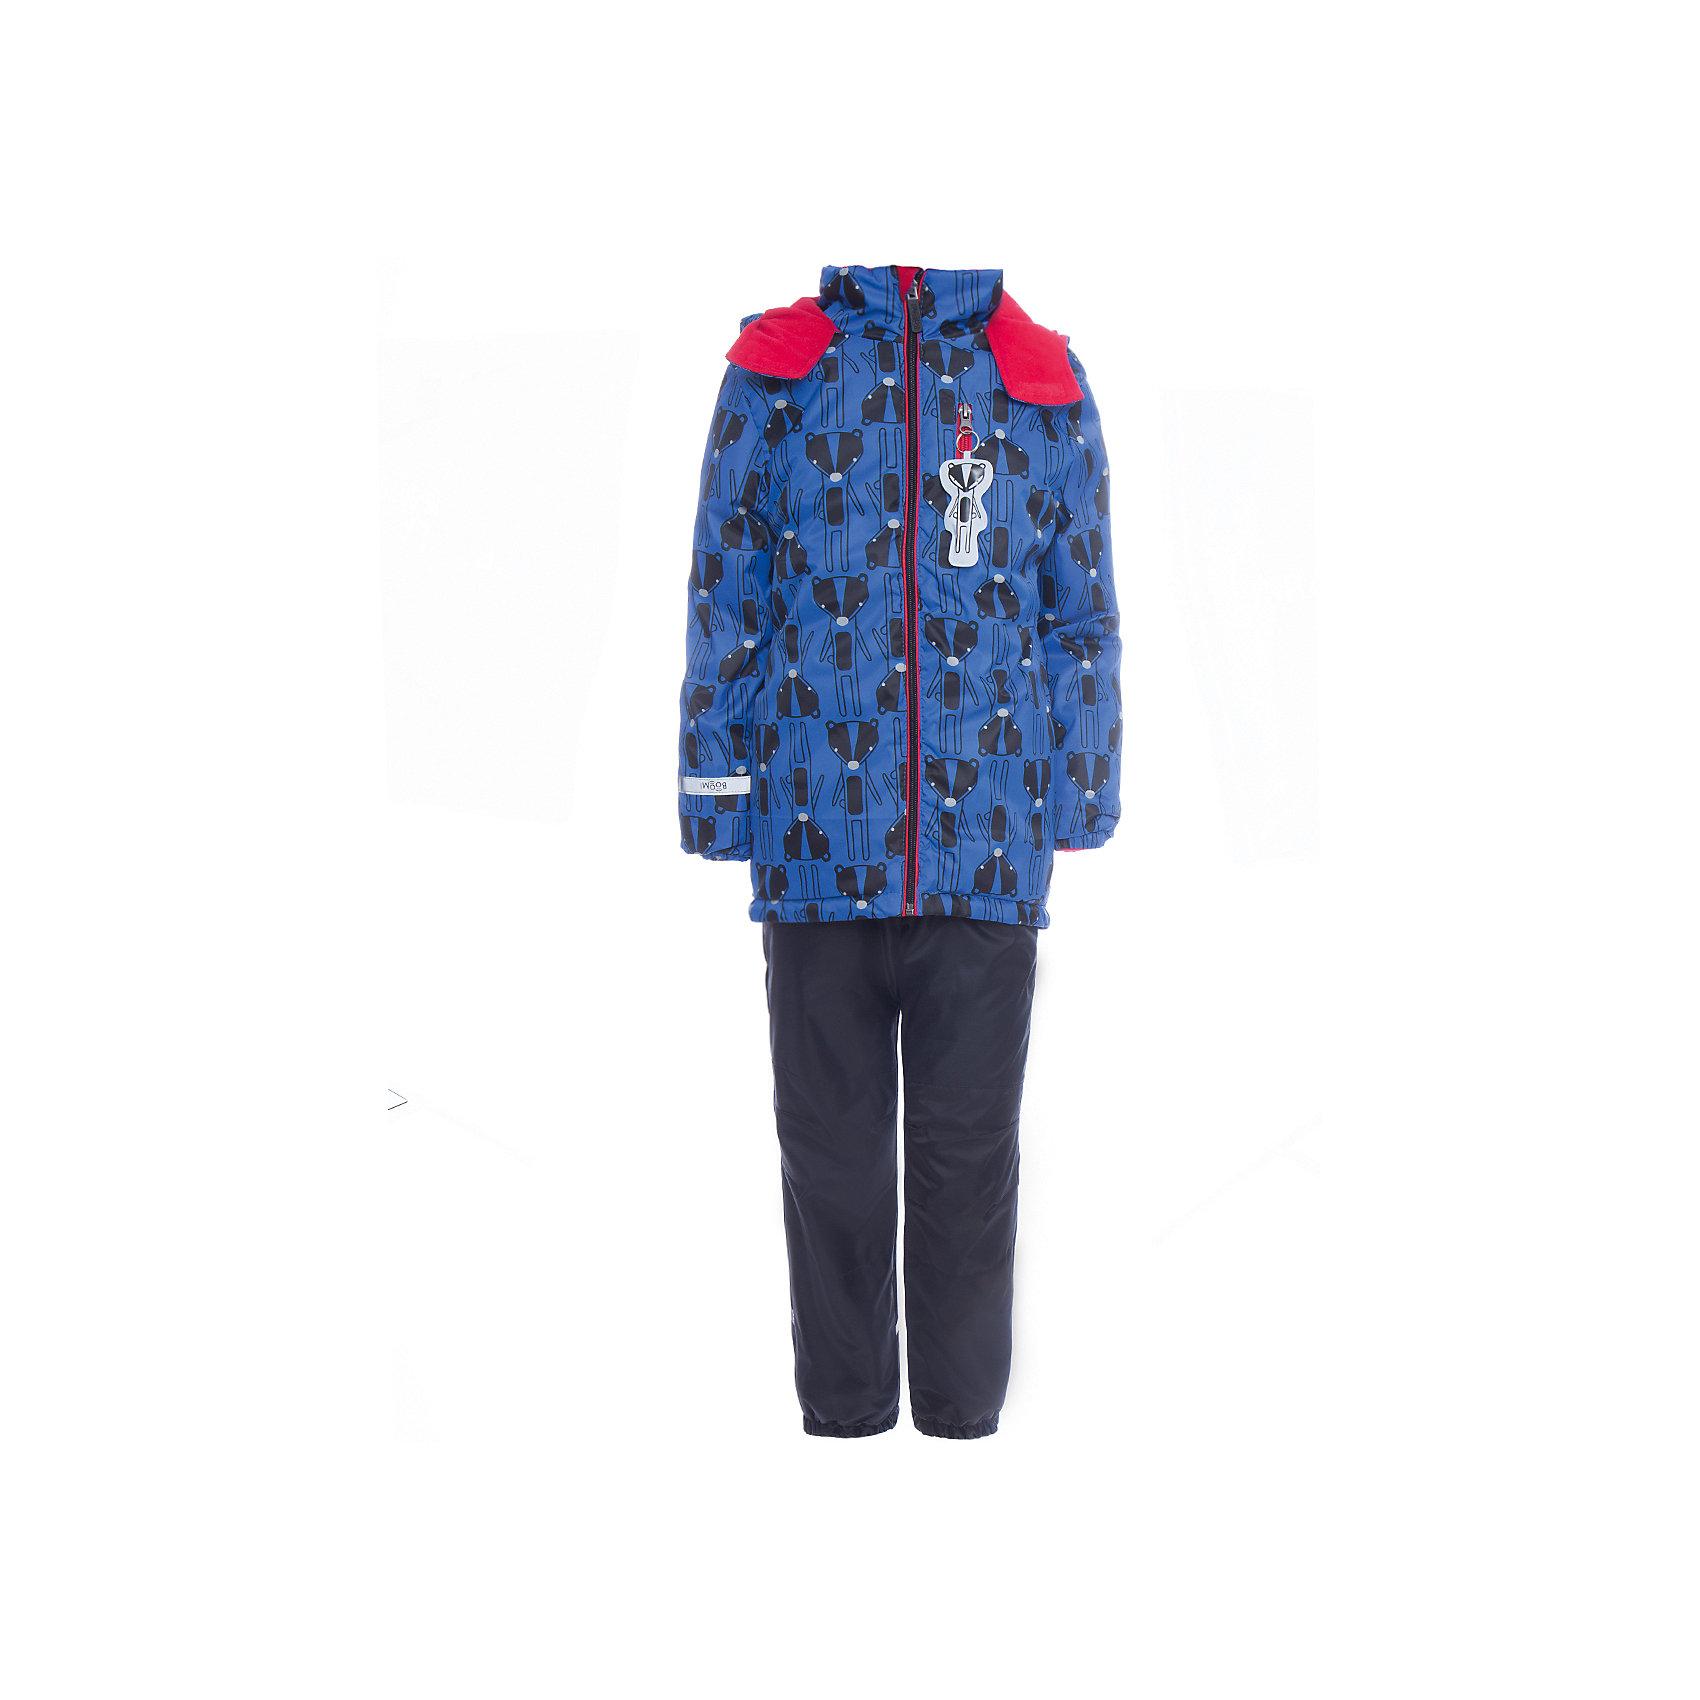 Комплект: куртка и брюки BOOM by Orby для мальчикаВерхняя одежда<br>КУРТКА:<br>Ткань верха:<br>Нейлон с мембранным покрытием 3000*3000 принт; <br>Подкладка:<br>Поларфлис; ПЭ пуходержащий<br>Утеплитель:<br>FiberSoft 150 г/м2<br>БРЮКИ:<br>Ткань верха:<br>Нейлон с мембранным покрытием 3000*3000<br>Подкладка:<br>Поларфлис;<br>Состав:<br>100% полиэстер<br><br>Ширина мм: 356<br>Глубина мм: 10<br>Высота мм: 245<br>Вес г: 519<br>Цвет: синий<br>Возраст от месяцев: 72<br>Возраст до месяцев: 84<br>Пол: Мужской<br>Возраст: Детский<br>Размер: 122,104,86,92,98,110,116<br>SKU: 7007366